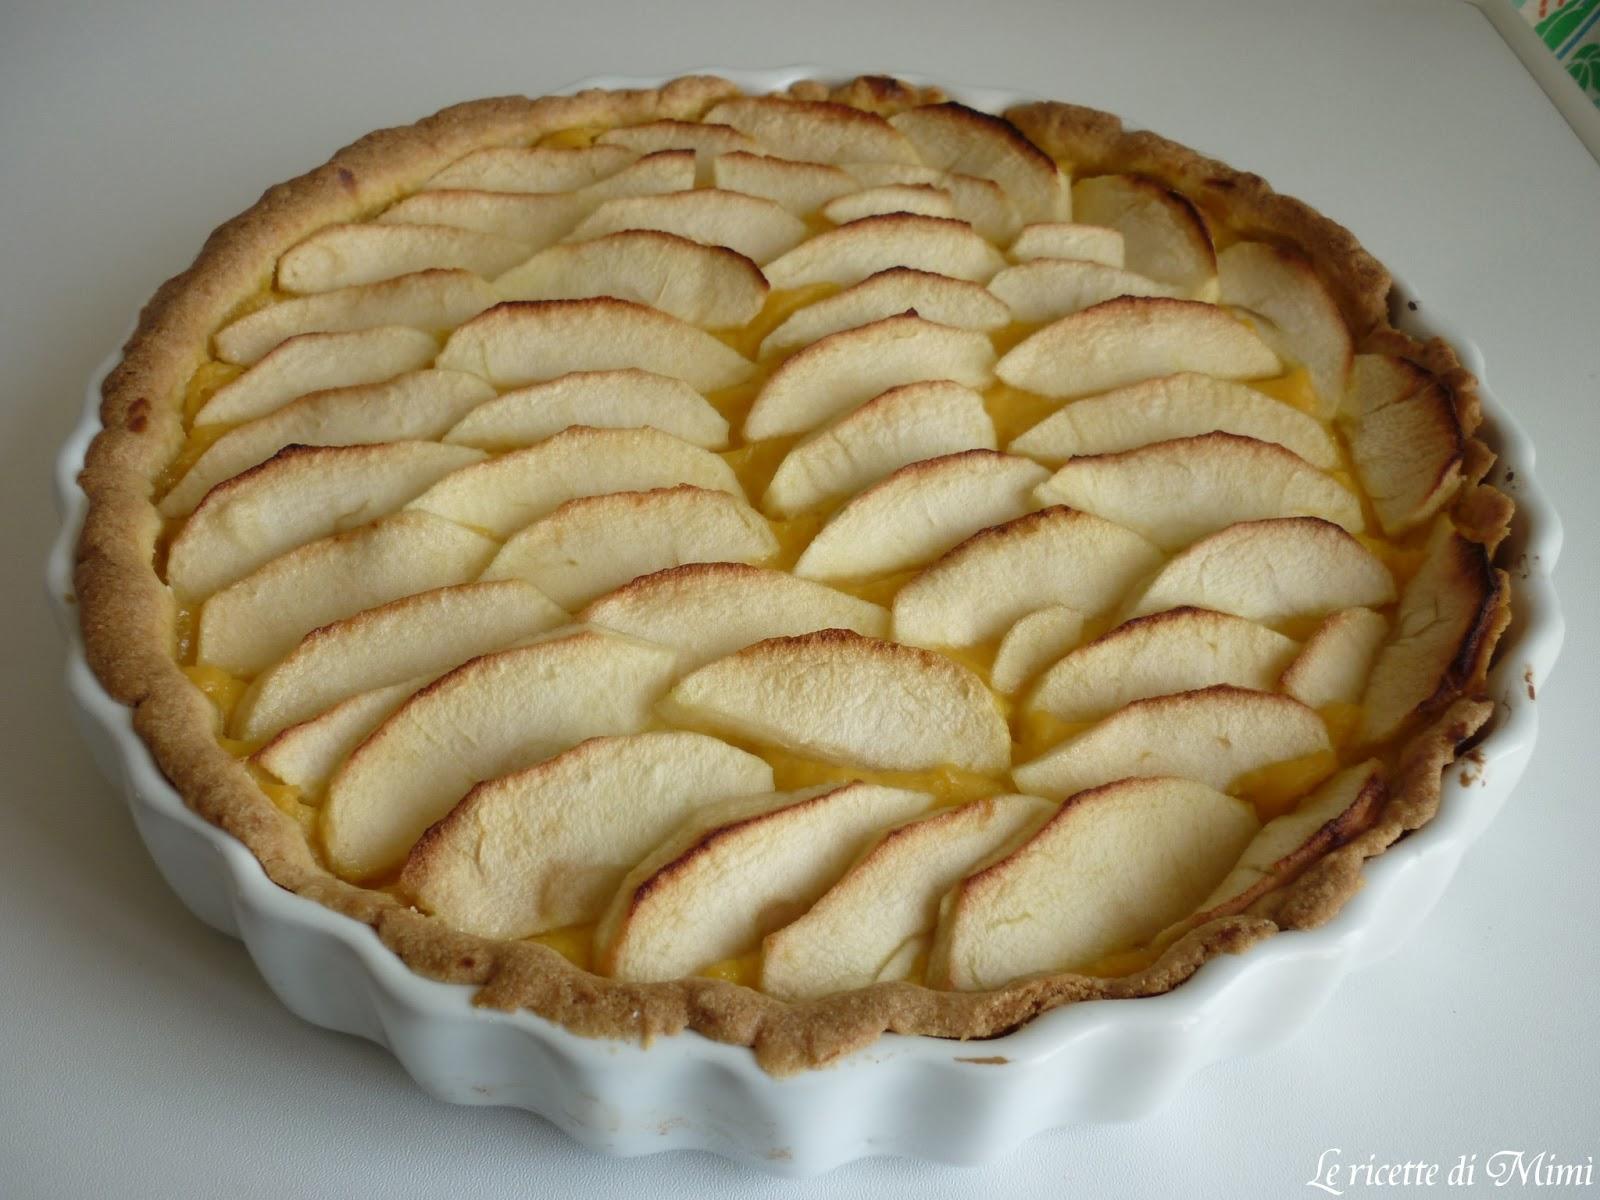 Crostata di mele della nonna 2 9 5 for Crostata di mele